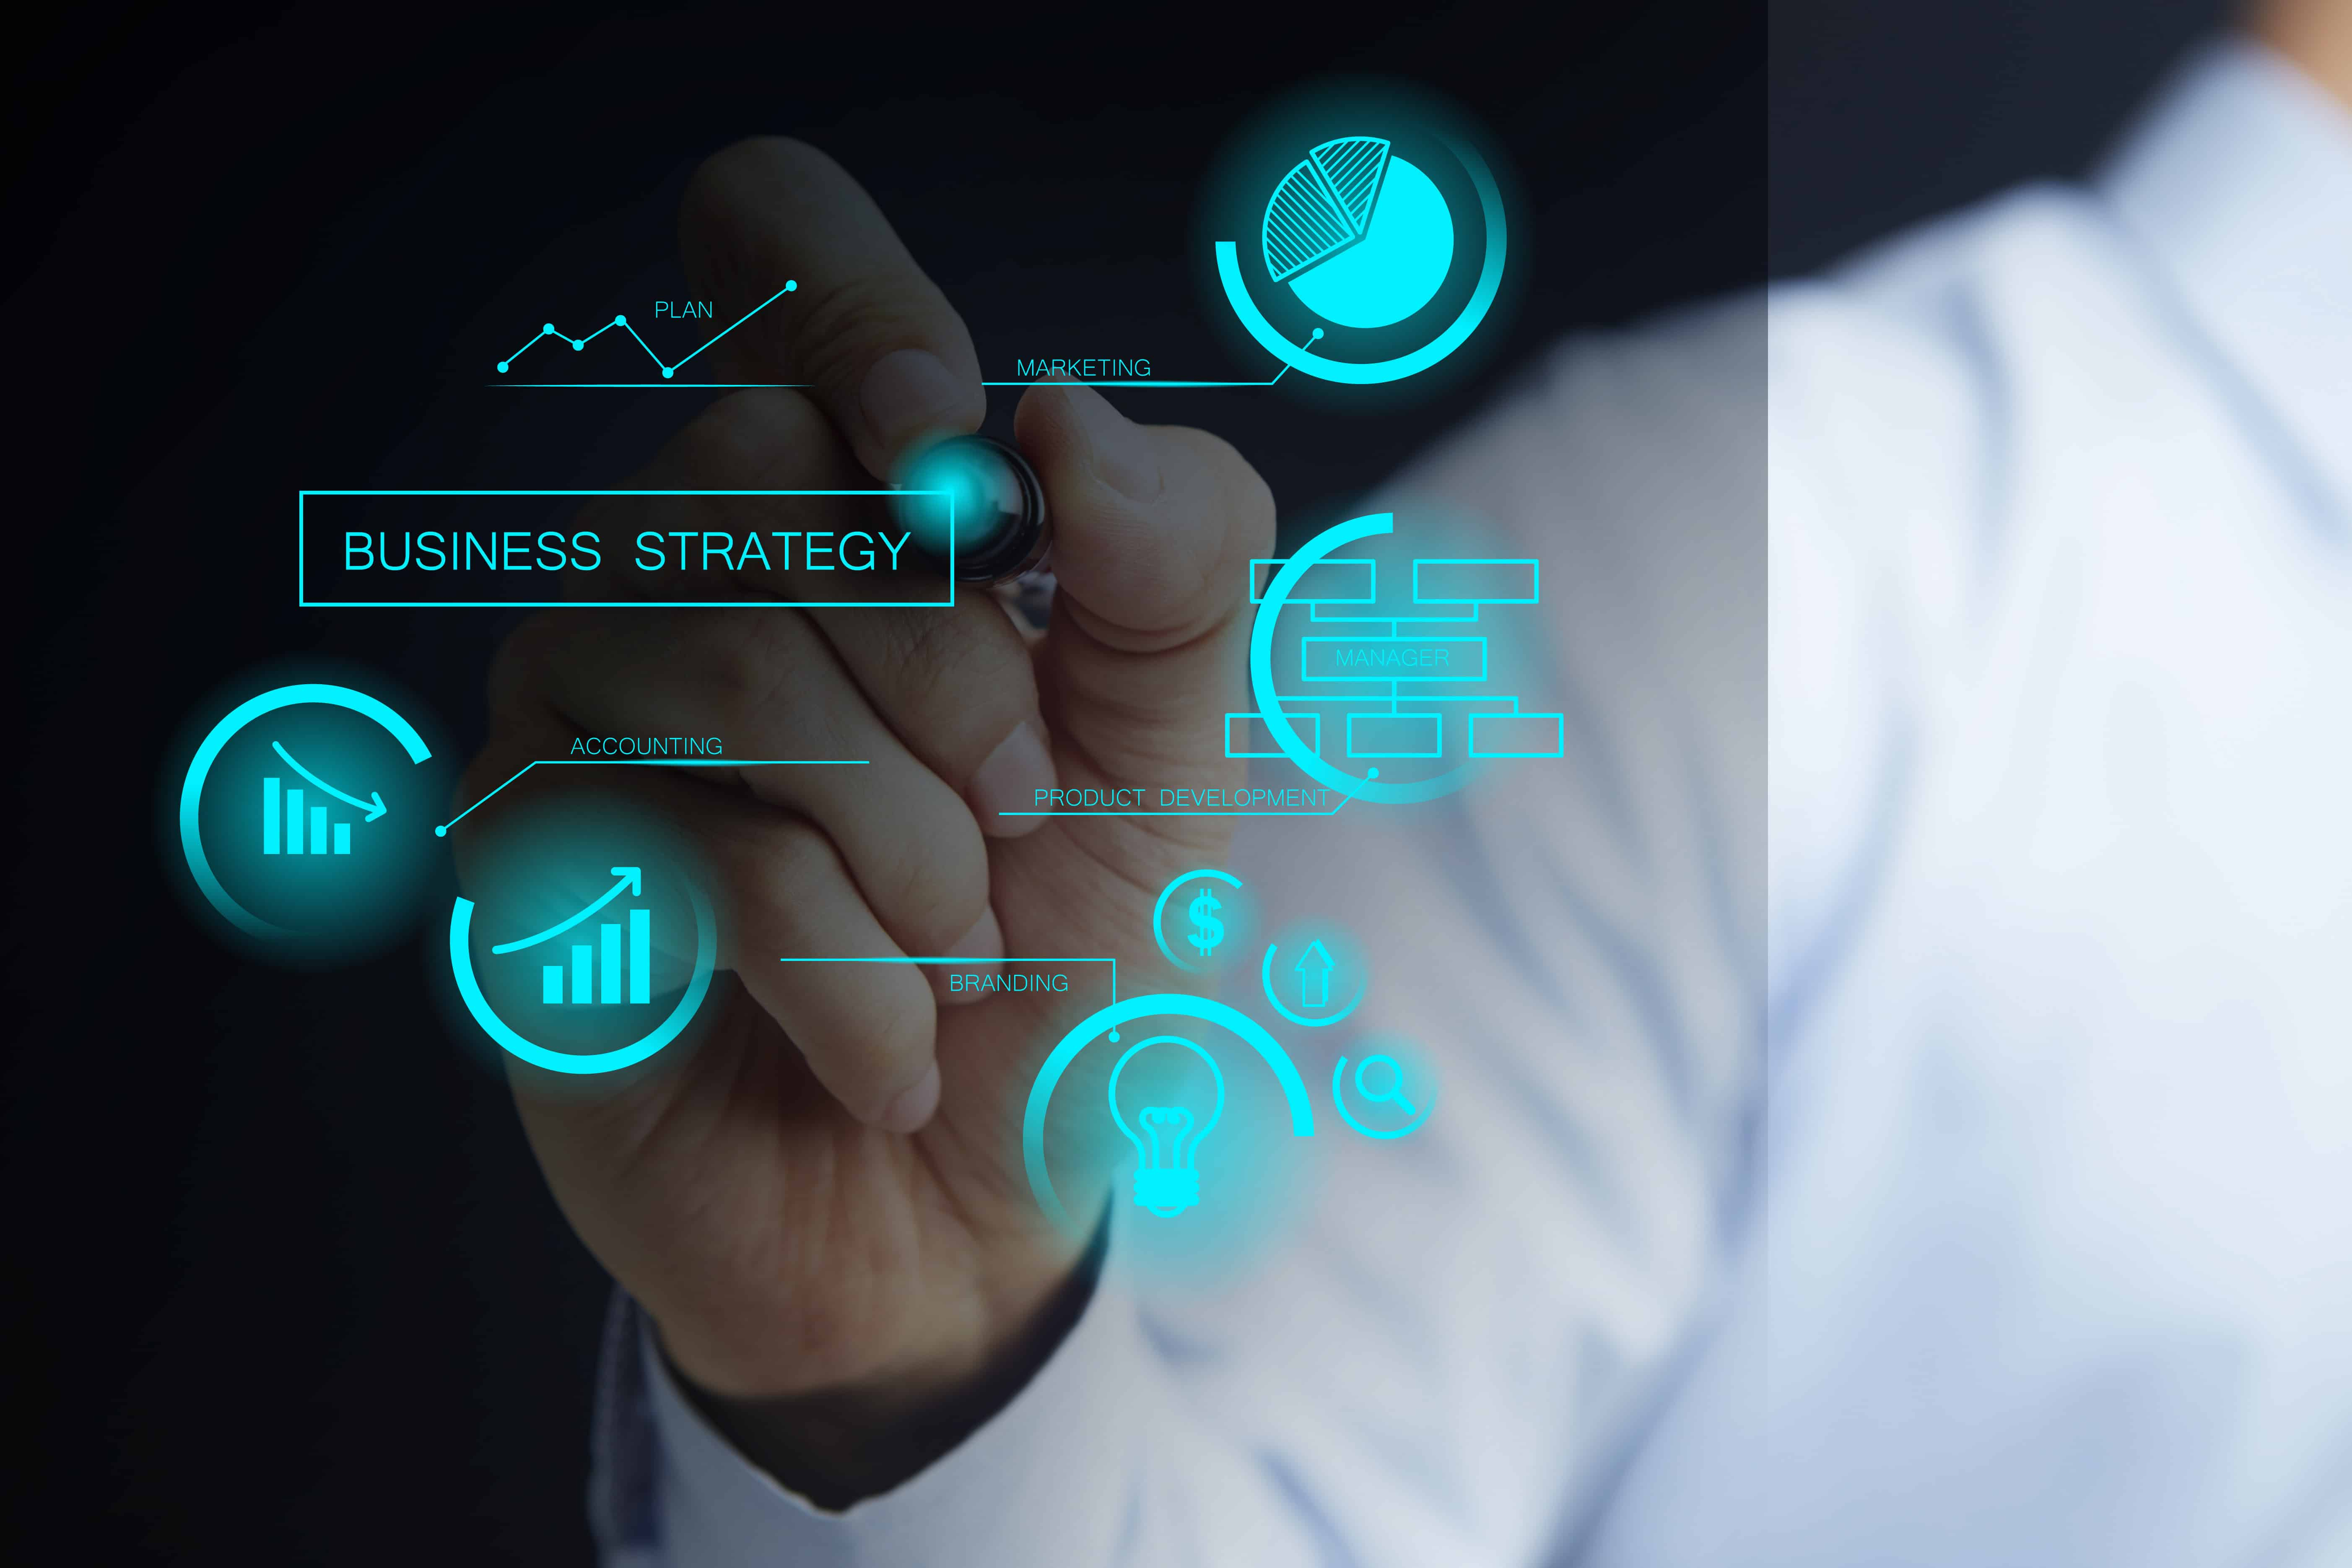 Como elaborar um planejamento estratégico corretamente: o passo a passo definitivo